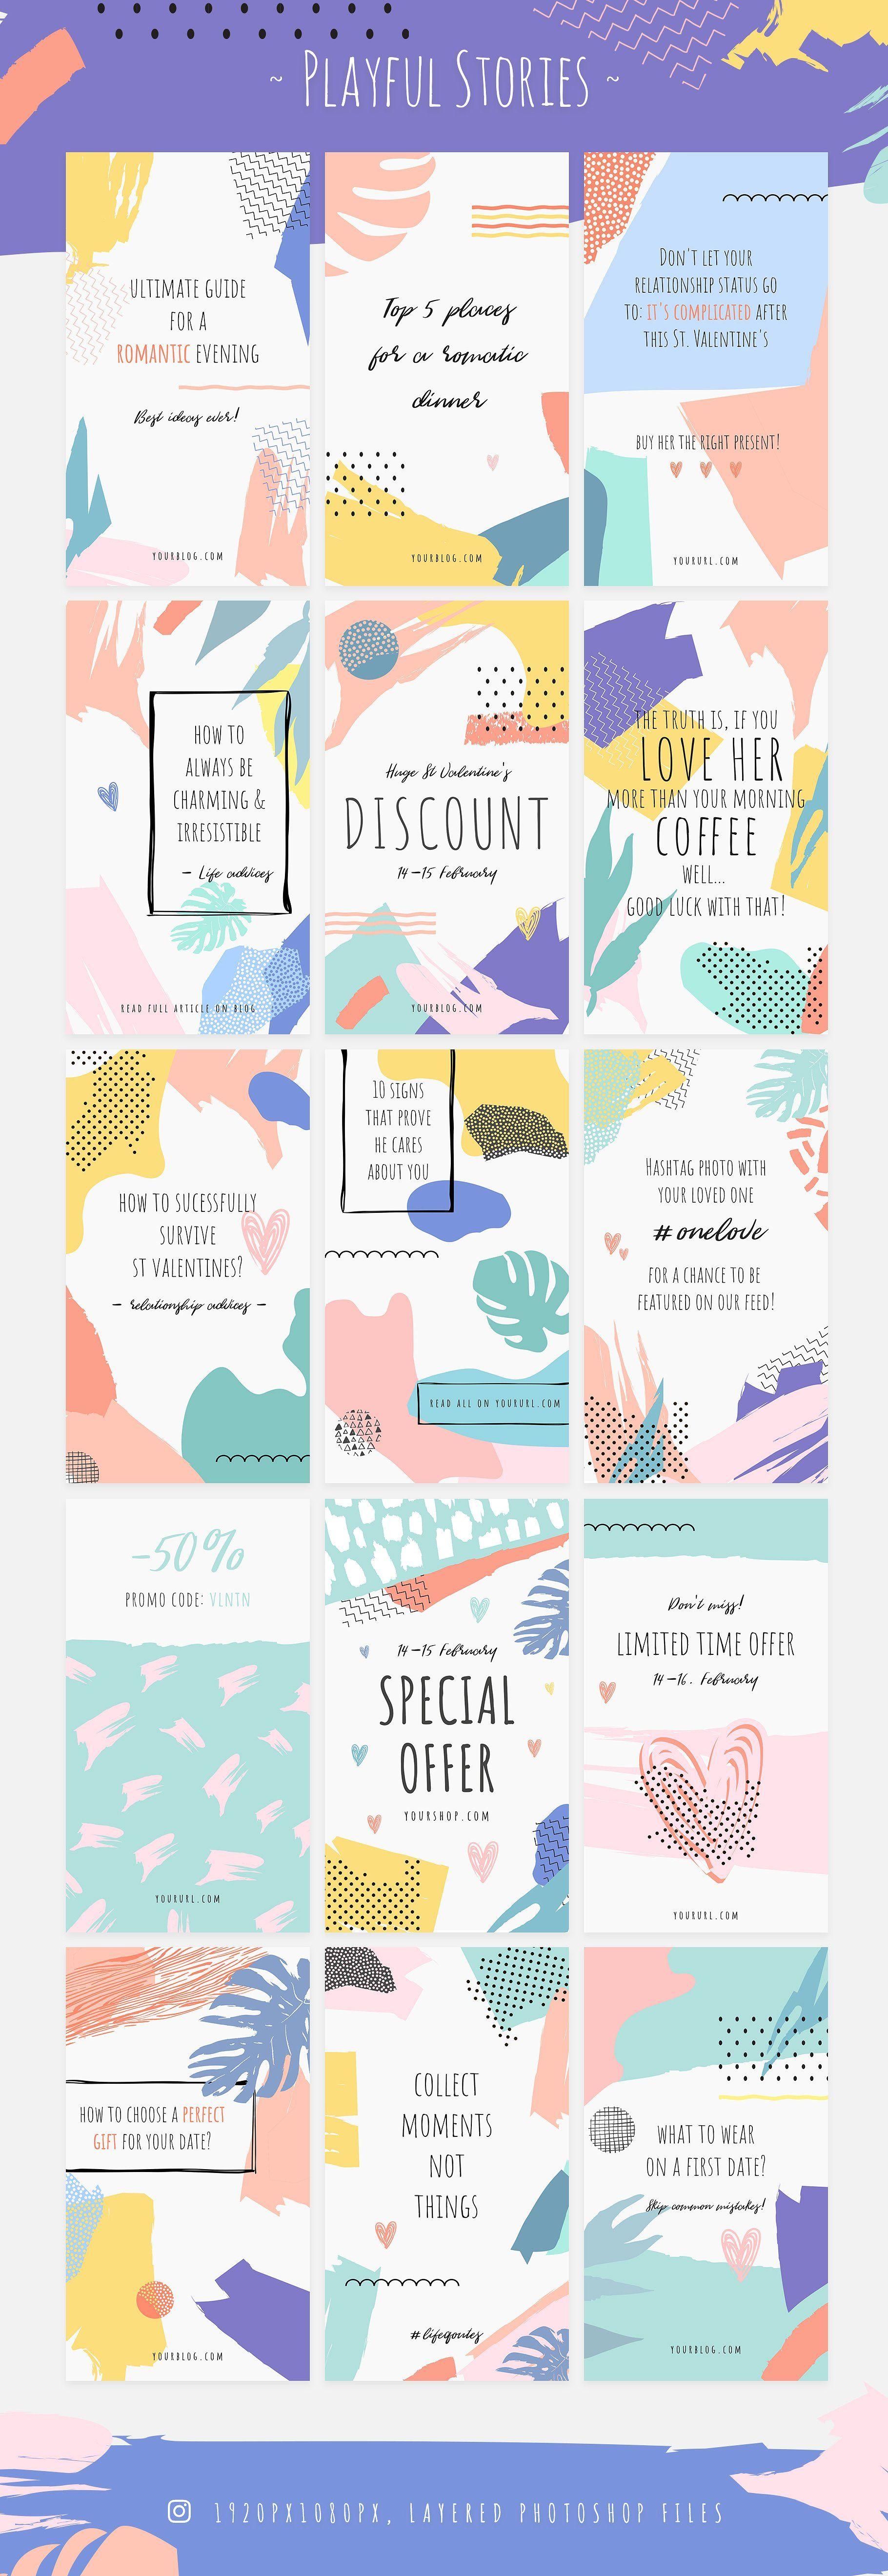 PLAYFUL Instagram Story Designs (Dengan gambar) Kartu